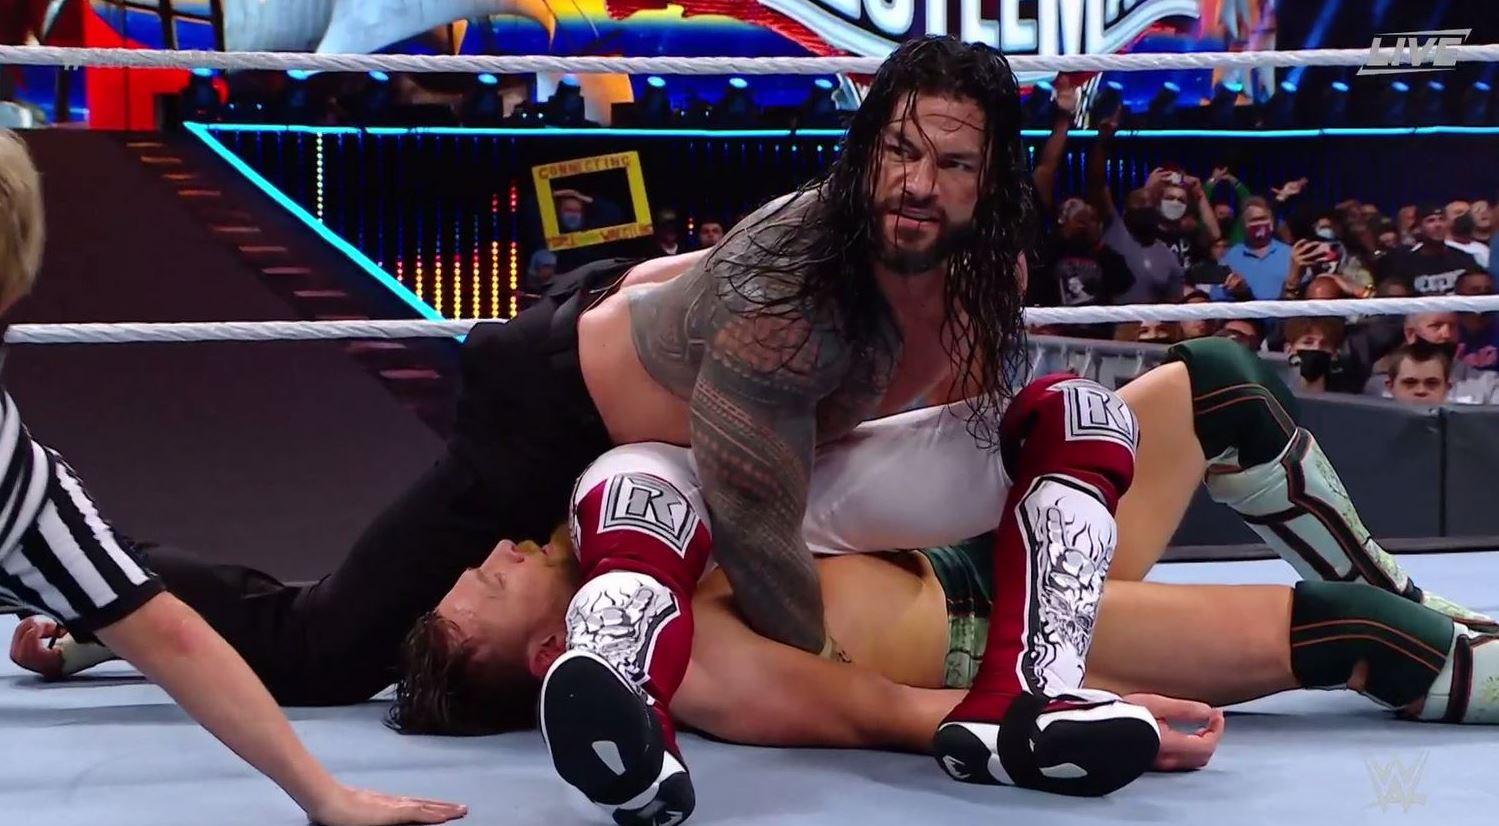 wrestlemania main event controversy